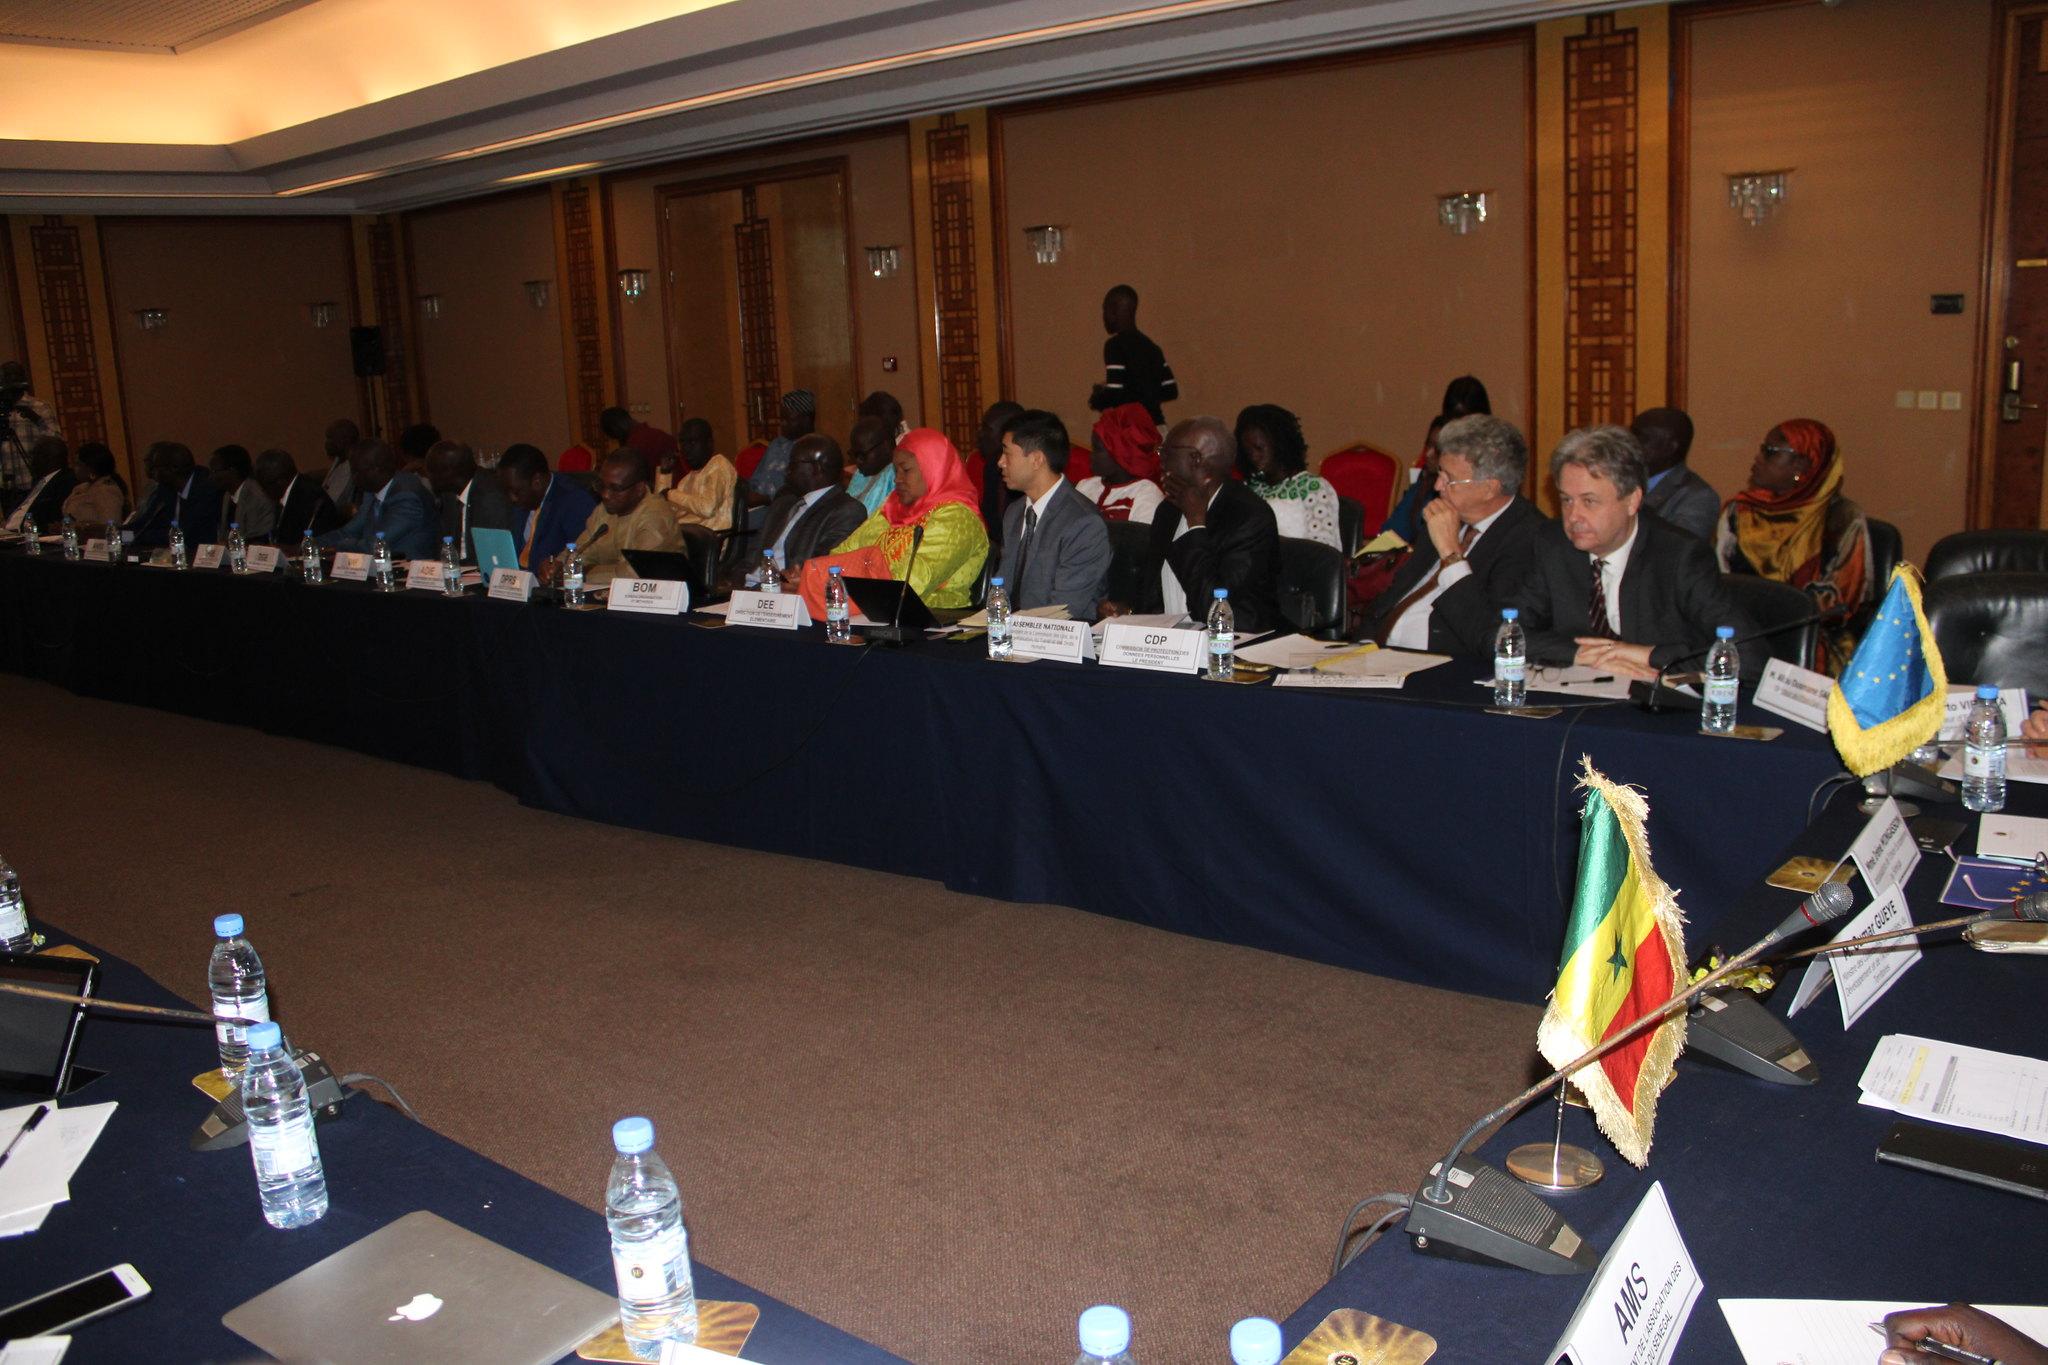 Programme Direction Etat Civil, Modernisation de l'Etat Civil au Sénégal, Aliou Ousmane Sall Directeur de l'Etat Civil Sénégal (18)